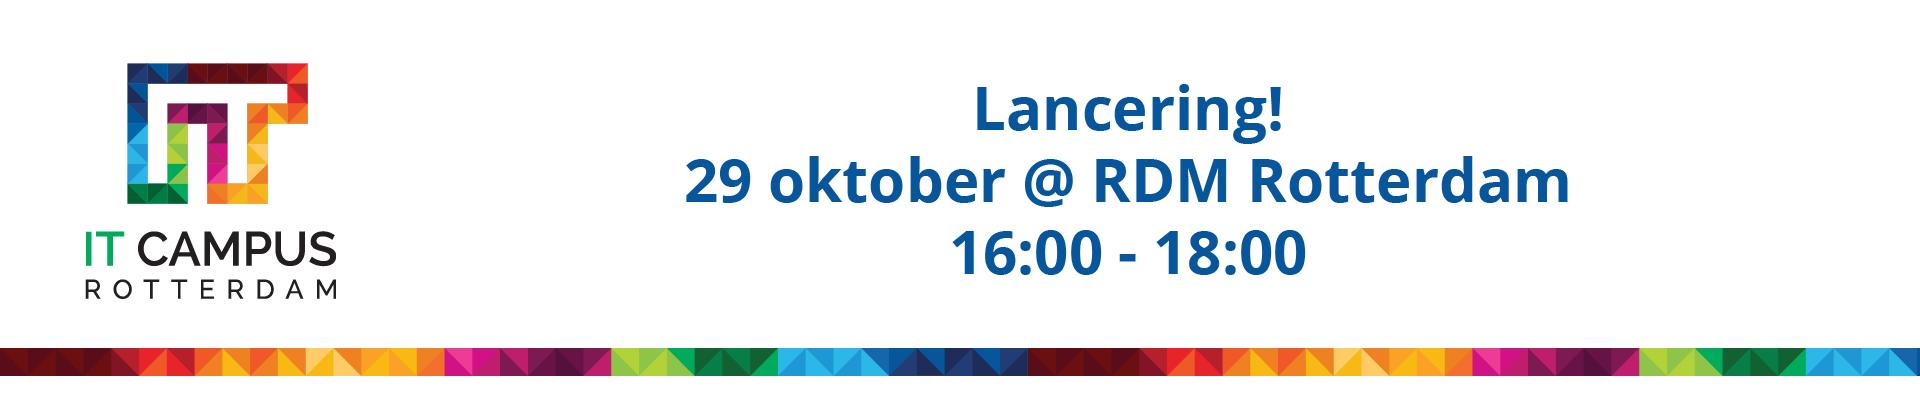 Lancering IT Campus Rotterdam